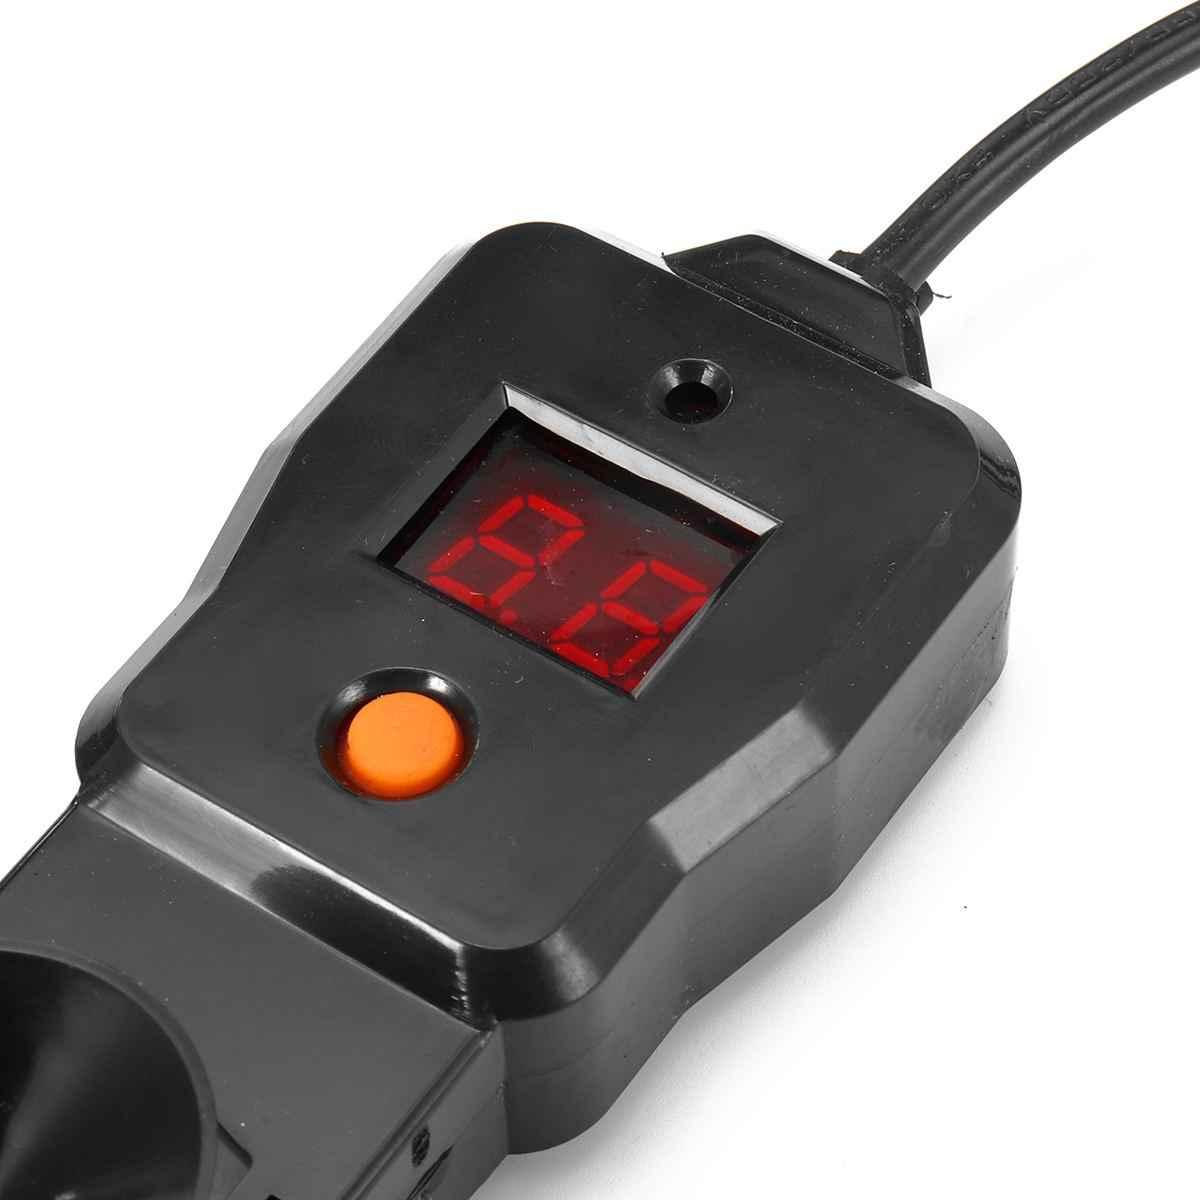 300/500 w aquário submersível aquecedor tanque de peixes led digital ajustável aquecedor de água haste aquatic pet gaiola casa suprimentos preto